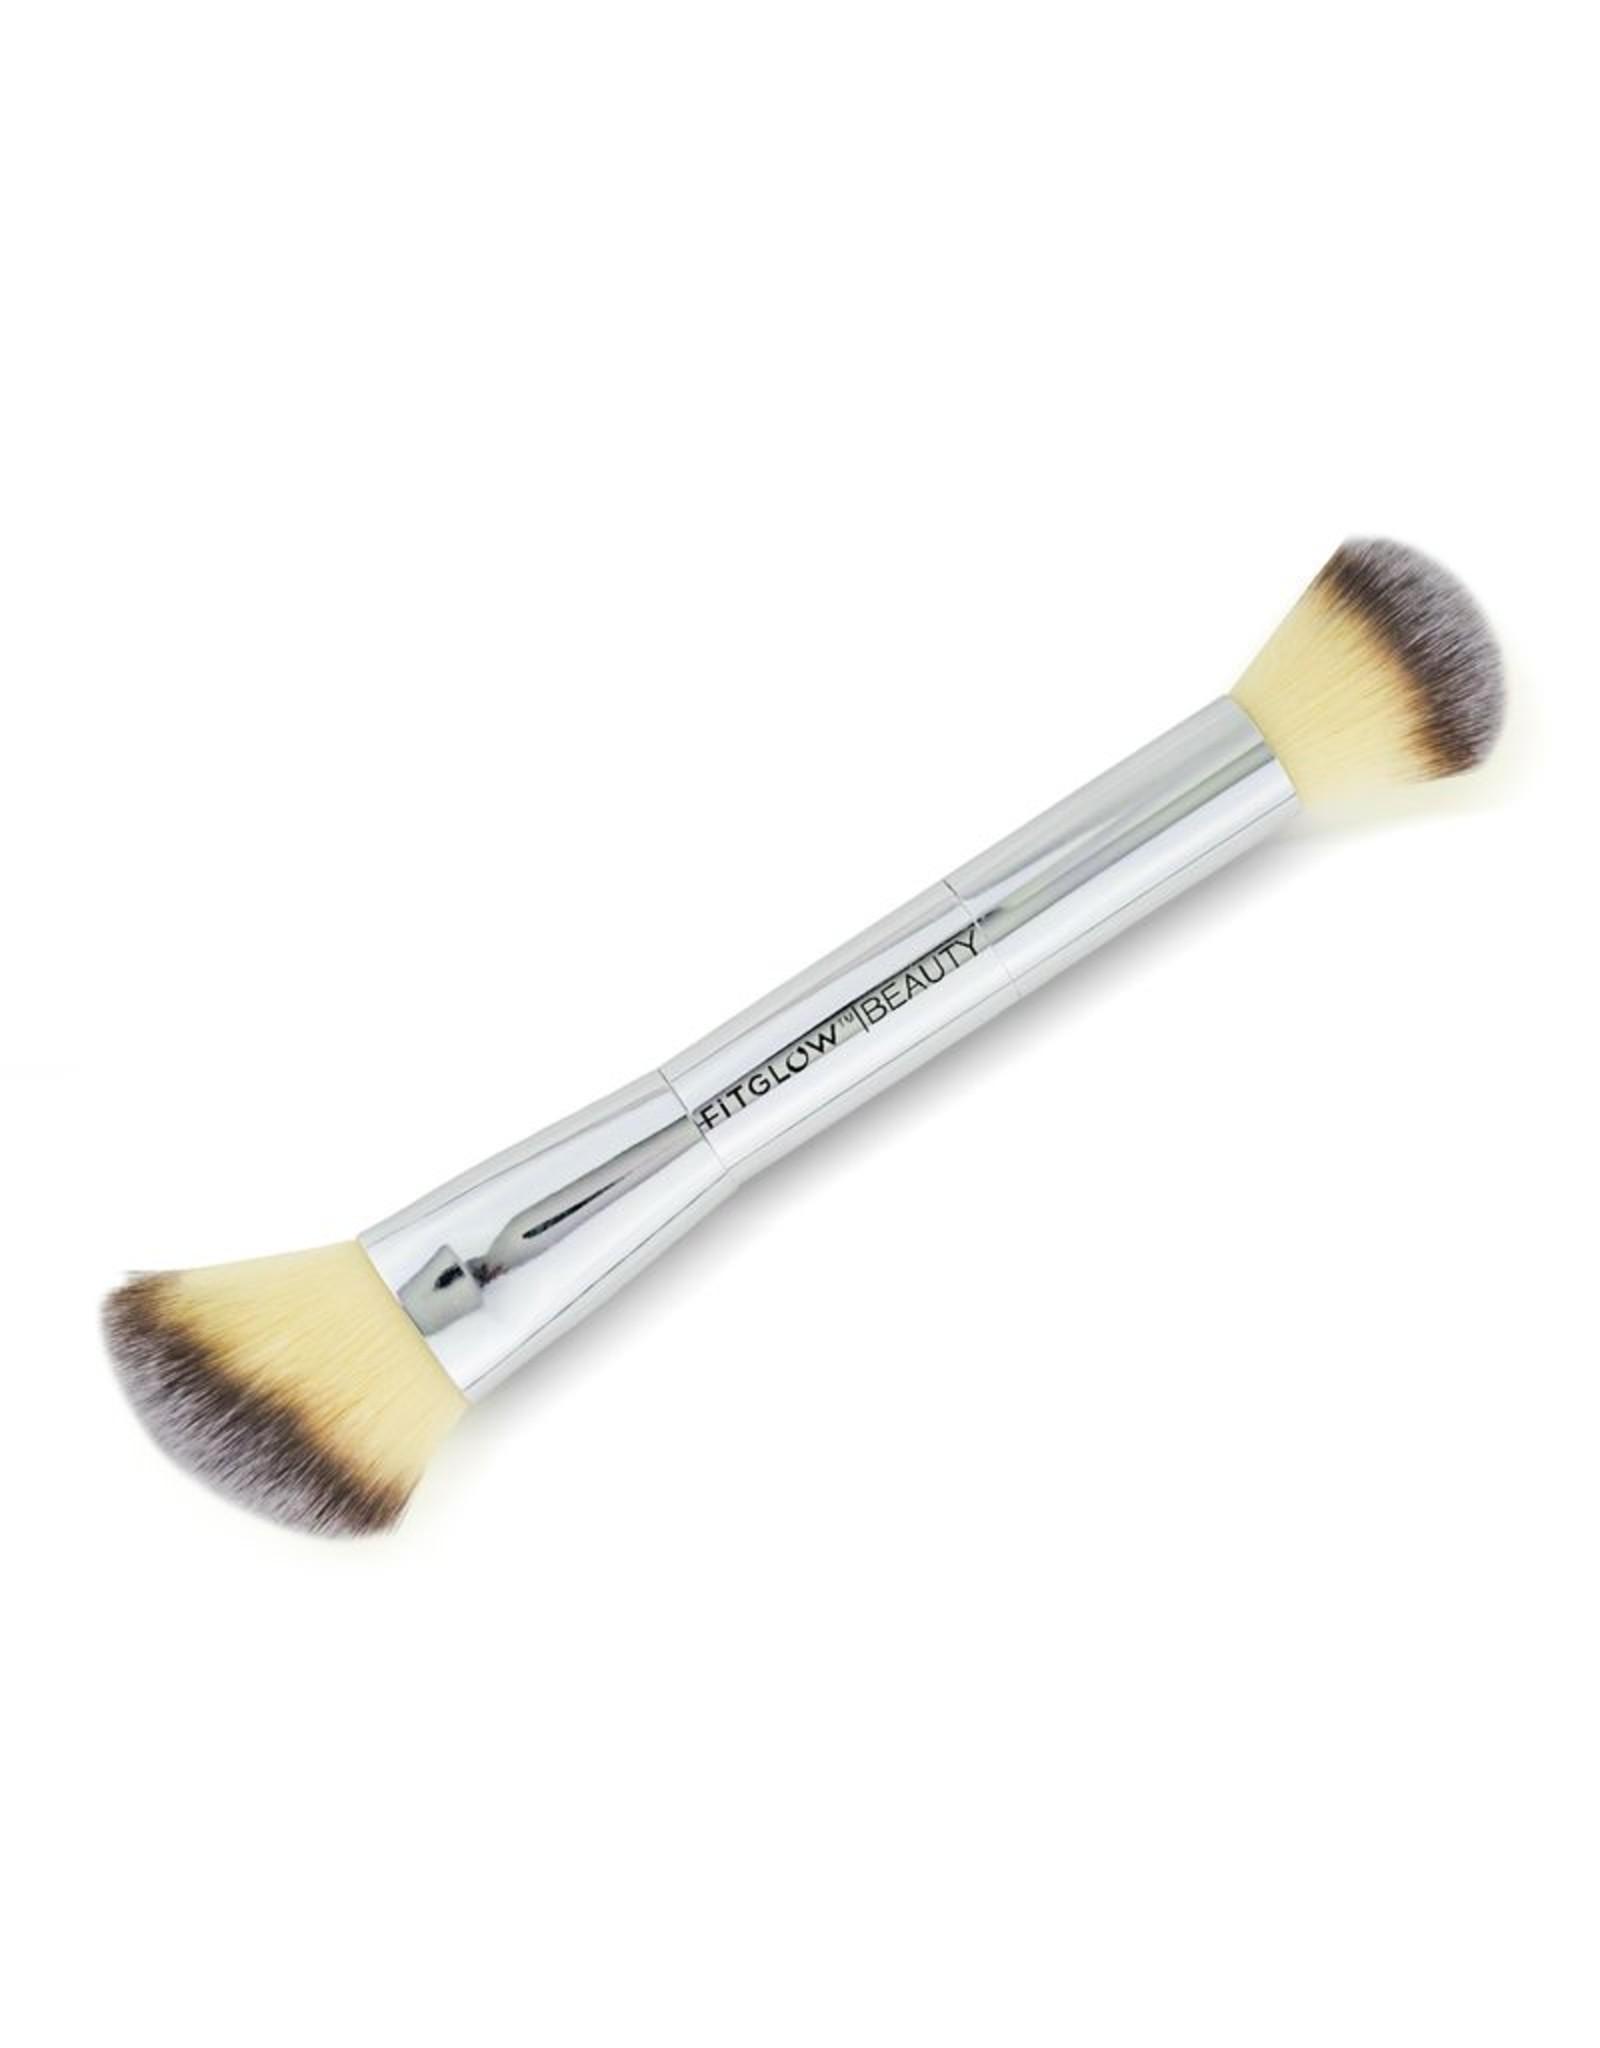 Fitglow Beauty Teddy Double Cheek Brush